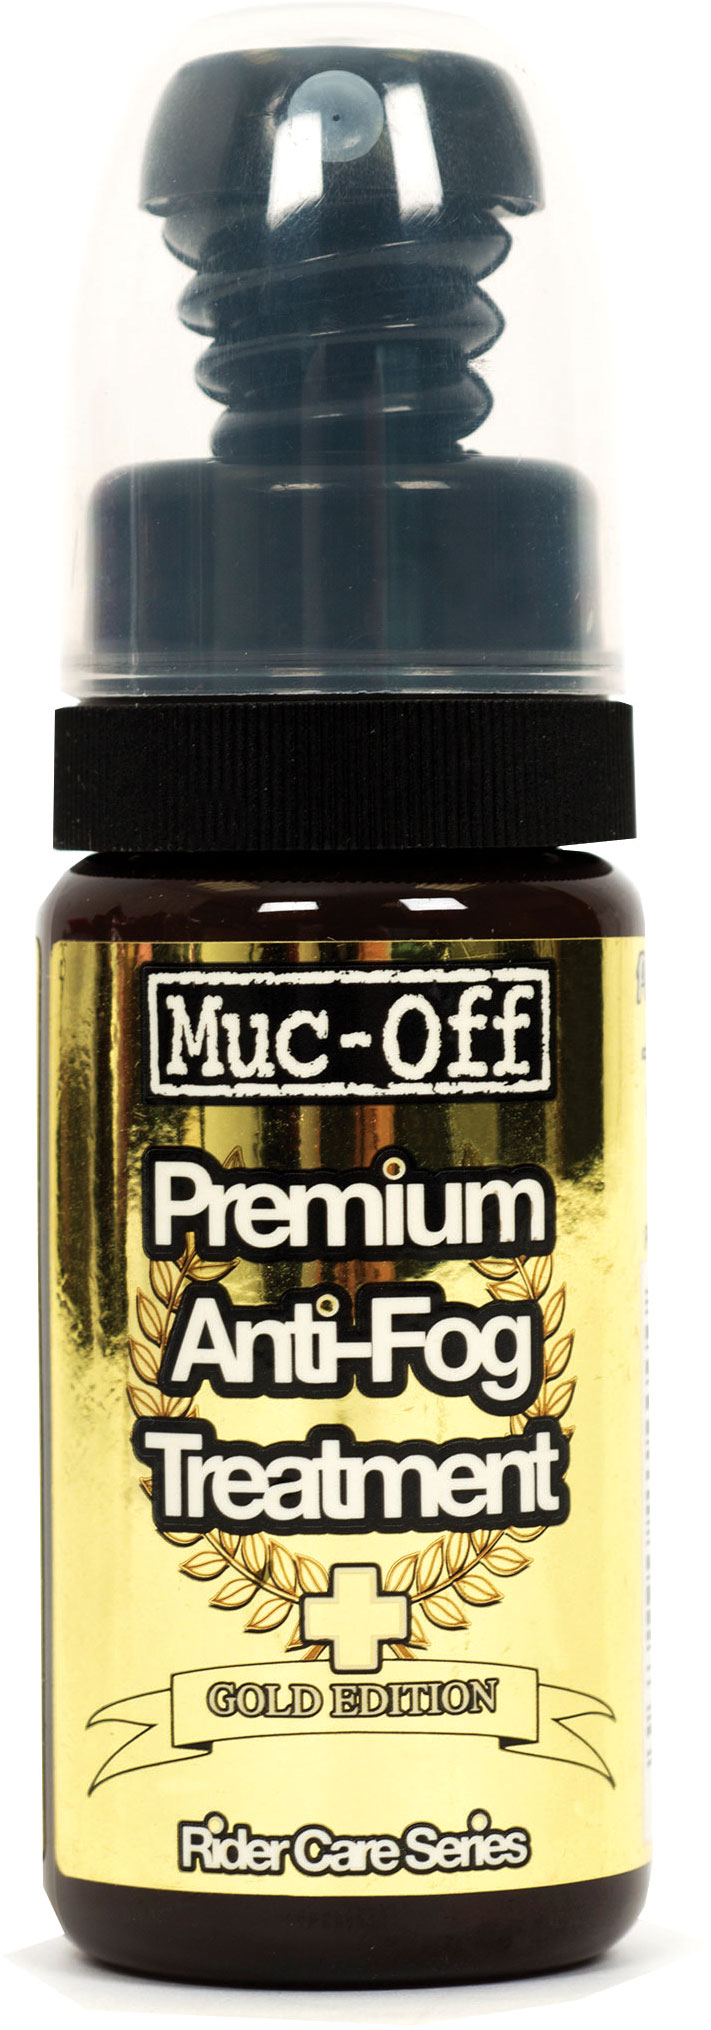 Muc-Off Anti Fog, Spray - 32 ml 210-1403-12